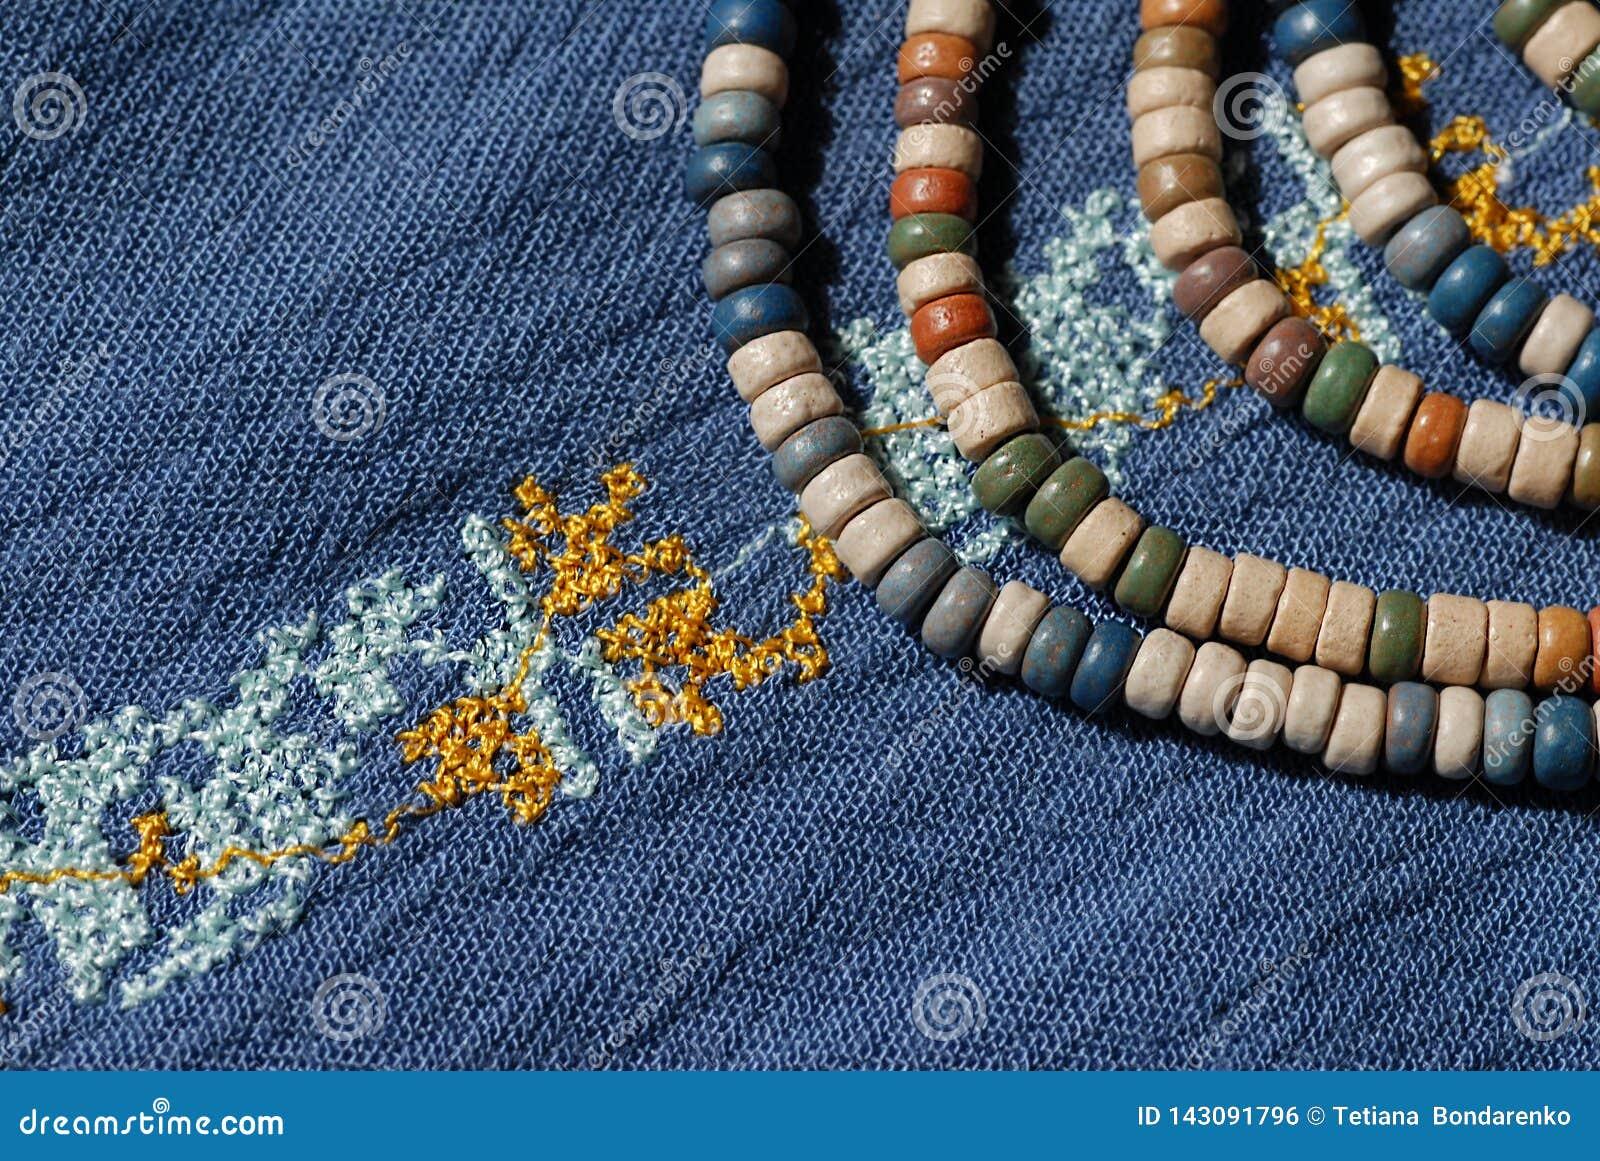 Camisa del dril de algodón de las mujeres, adornada con bordado y gotas de cerámica